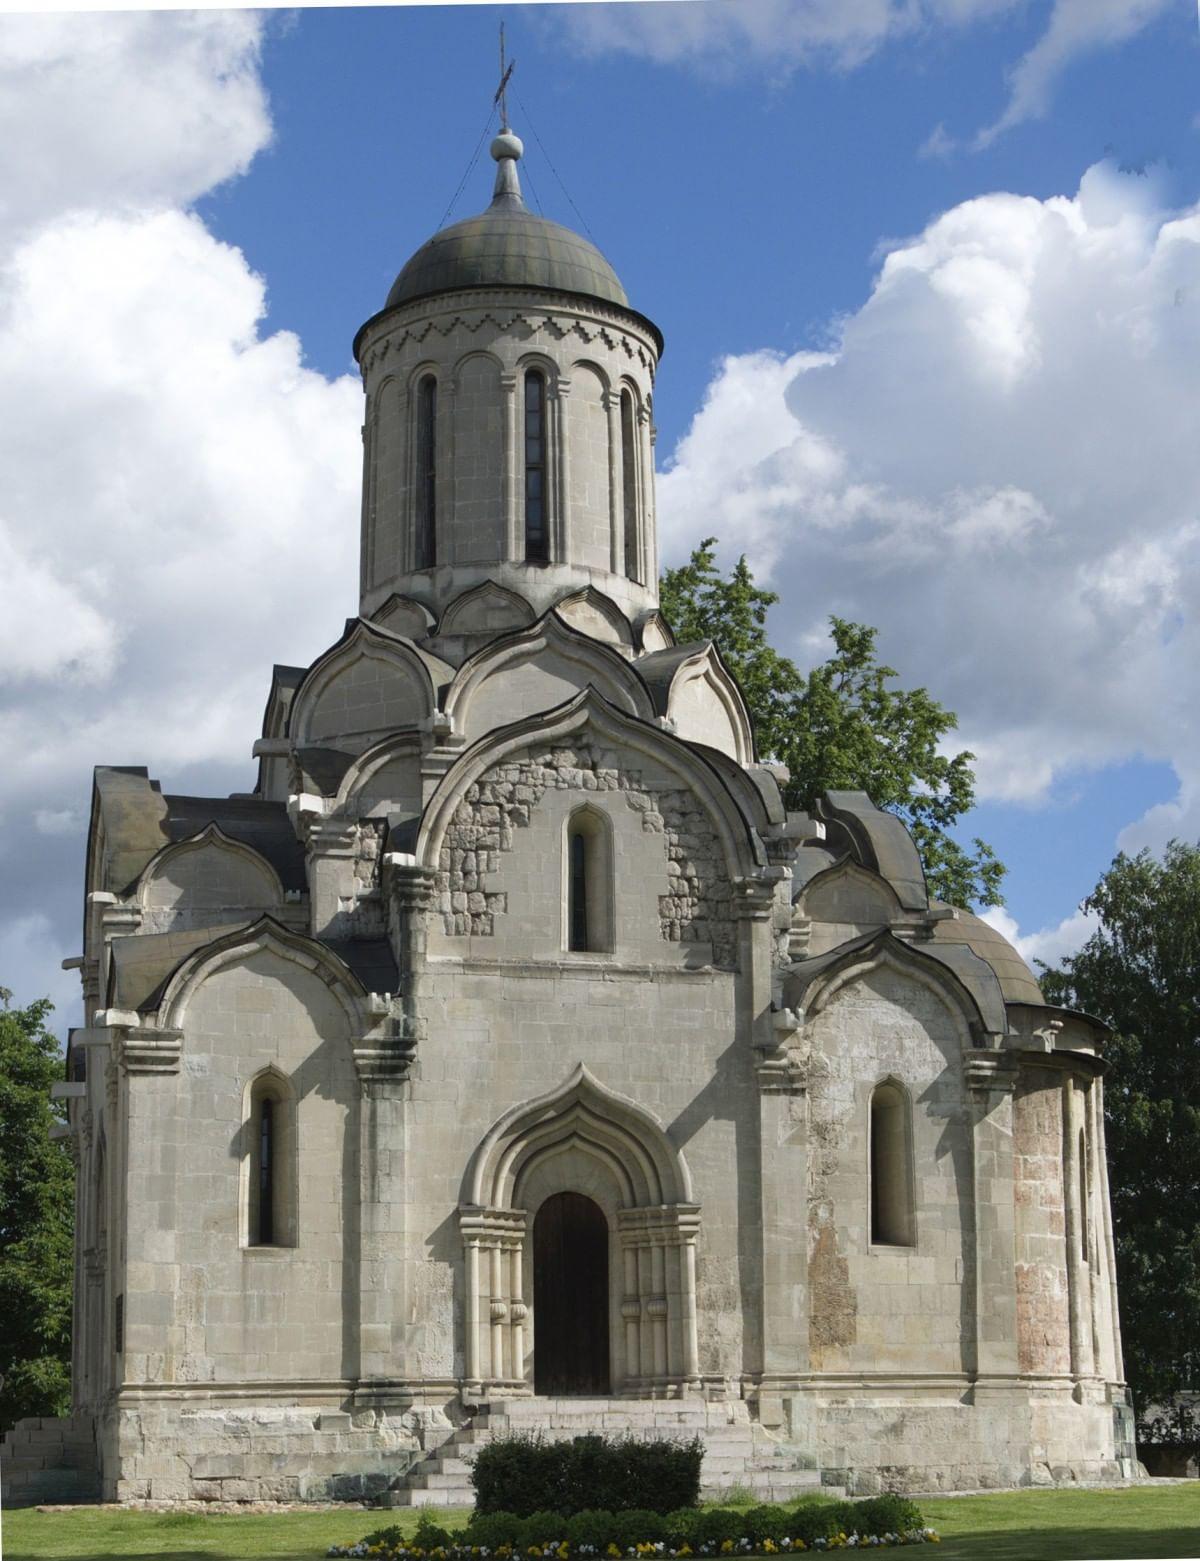 Центральный музей древнерусской культуры и искусства имени Андрея Рублева